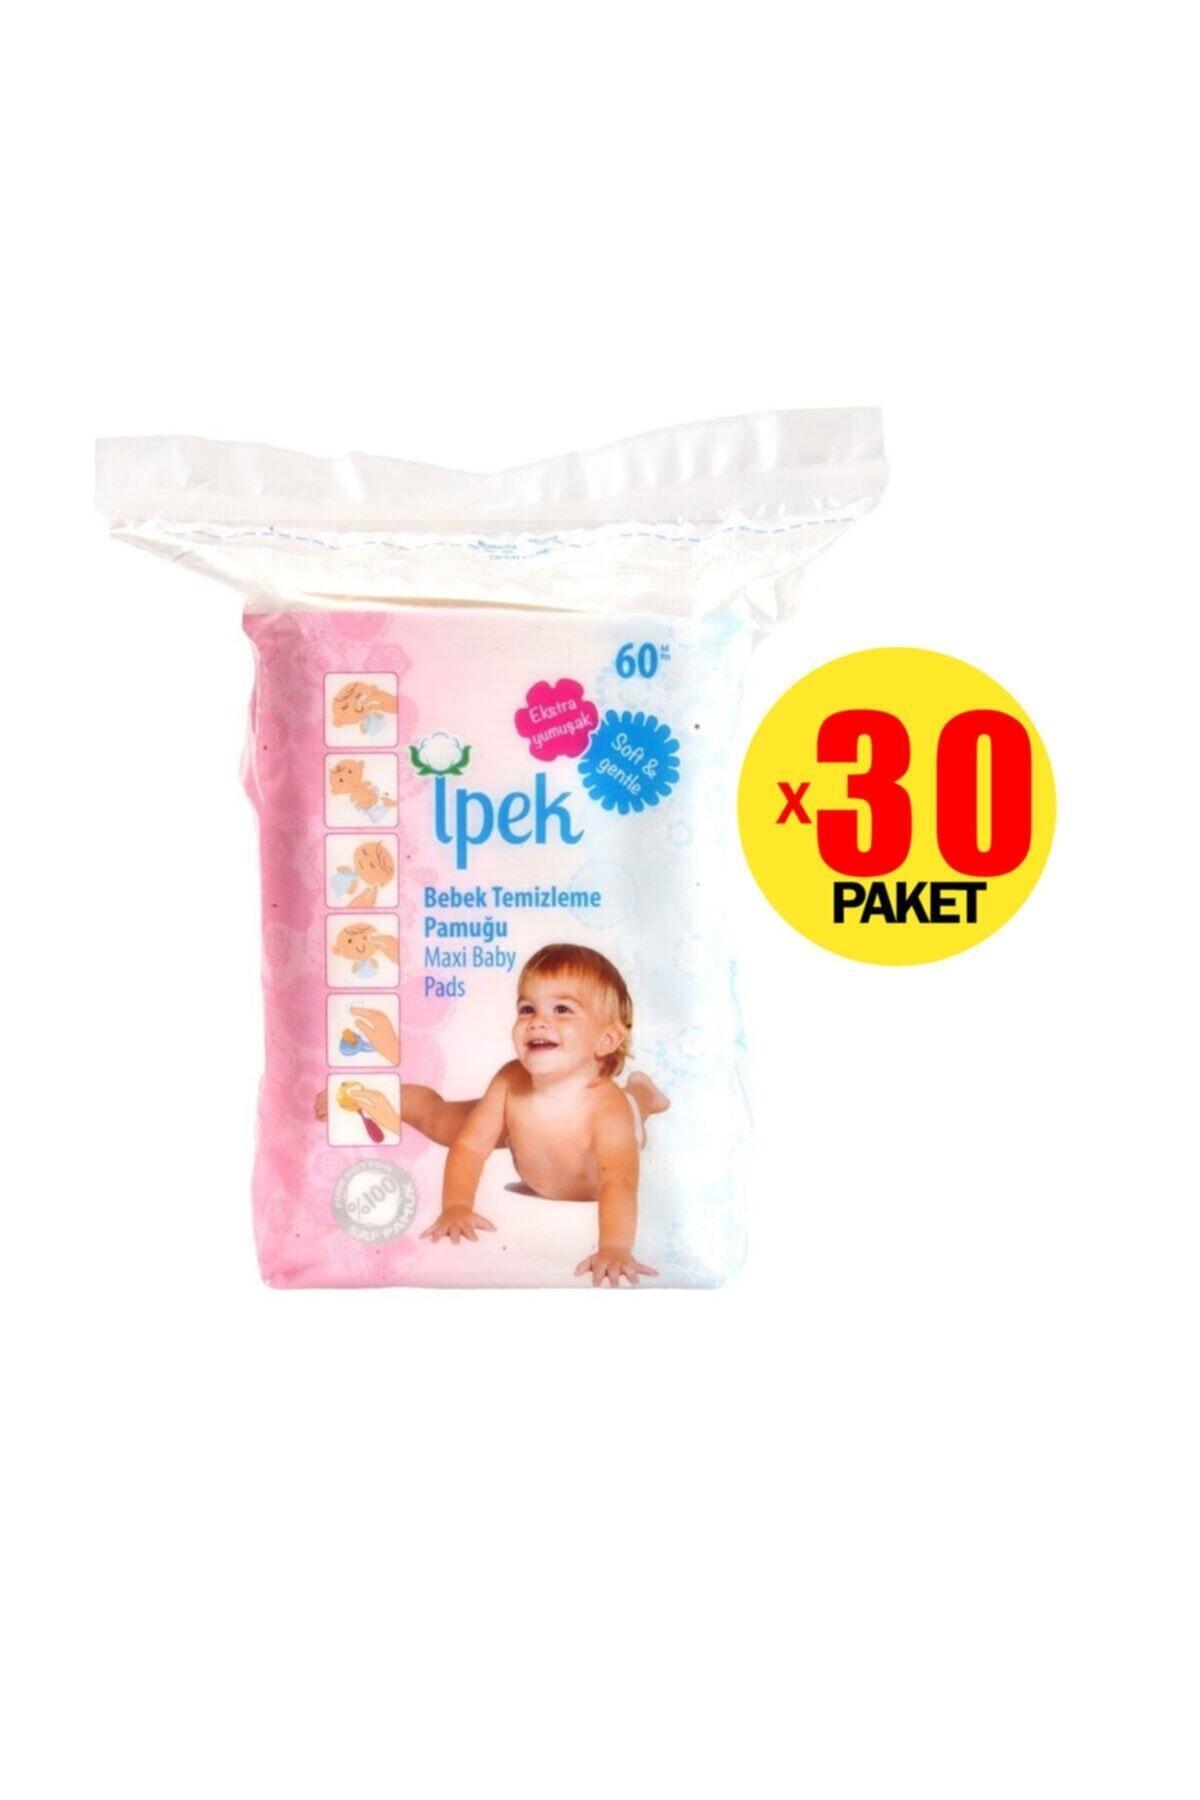 İpek Bebek Temizleme Pamuğu 60'lı 30 Paket 2